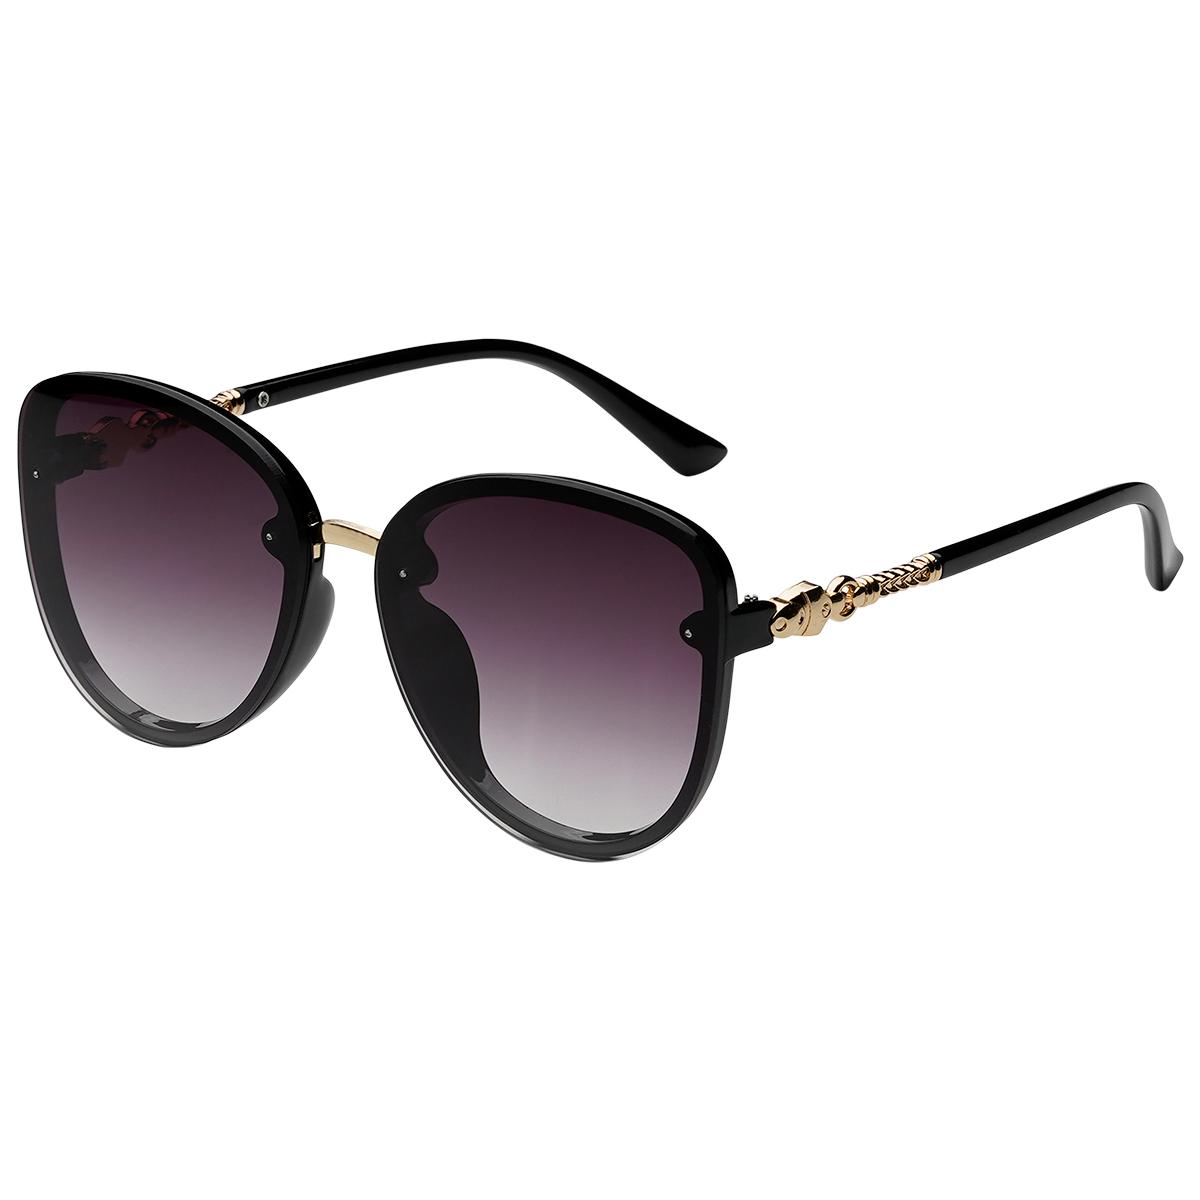 Zonnebril Elegance donker paars paarse dames zonnebrillen gouden details zijkanten trendy festival brillen musthaves kopen bestellen yehwang